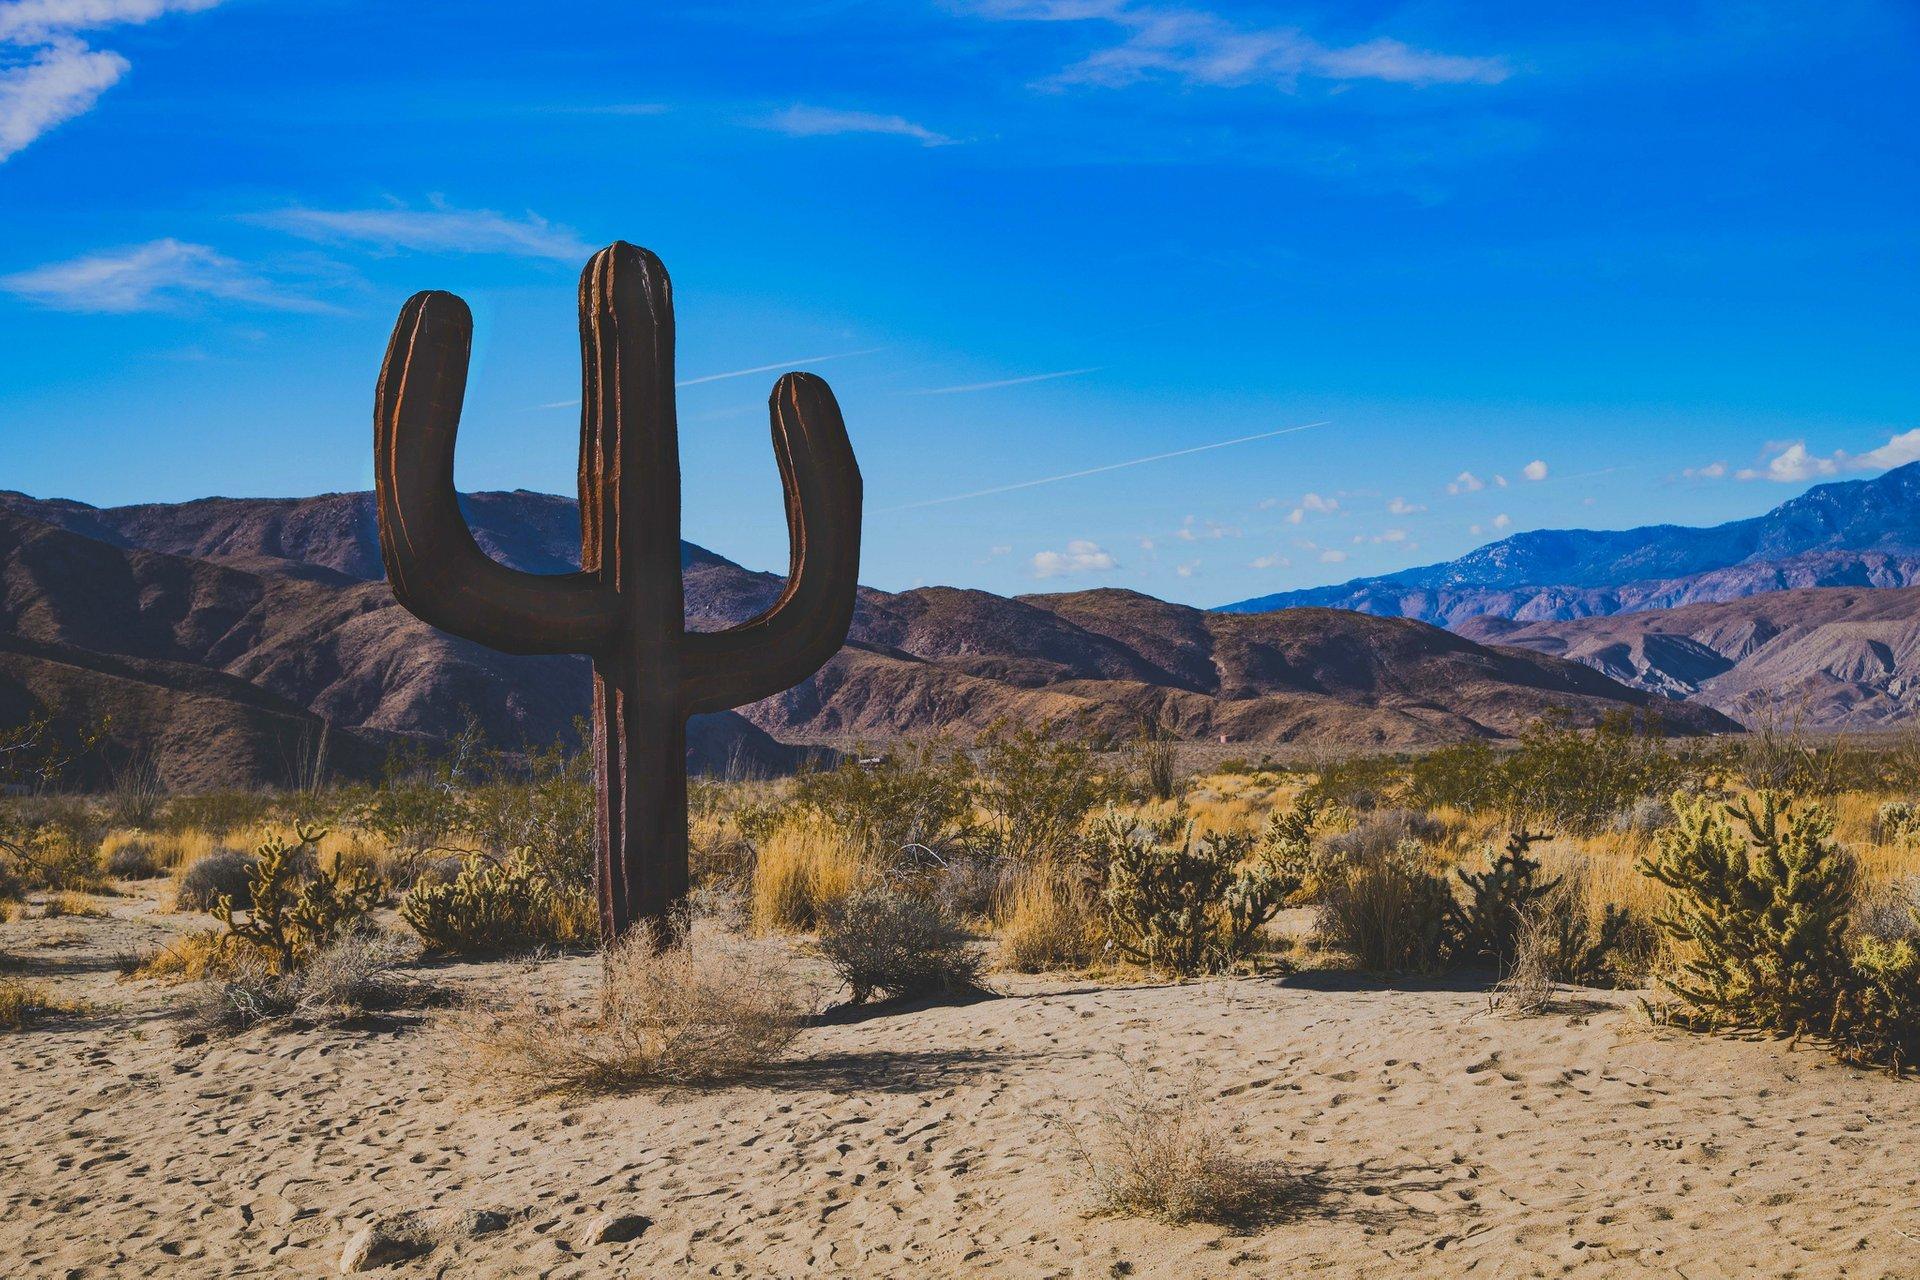 Cactus sculpture 2020